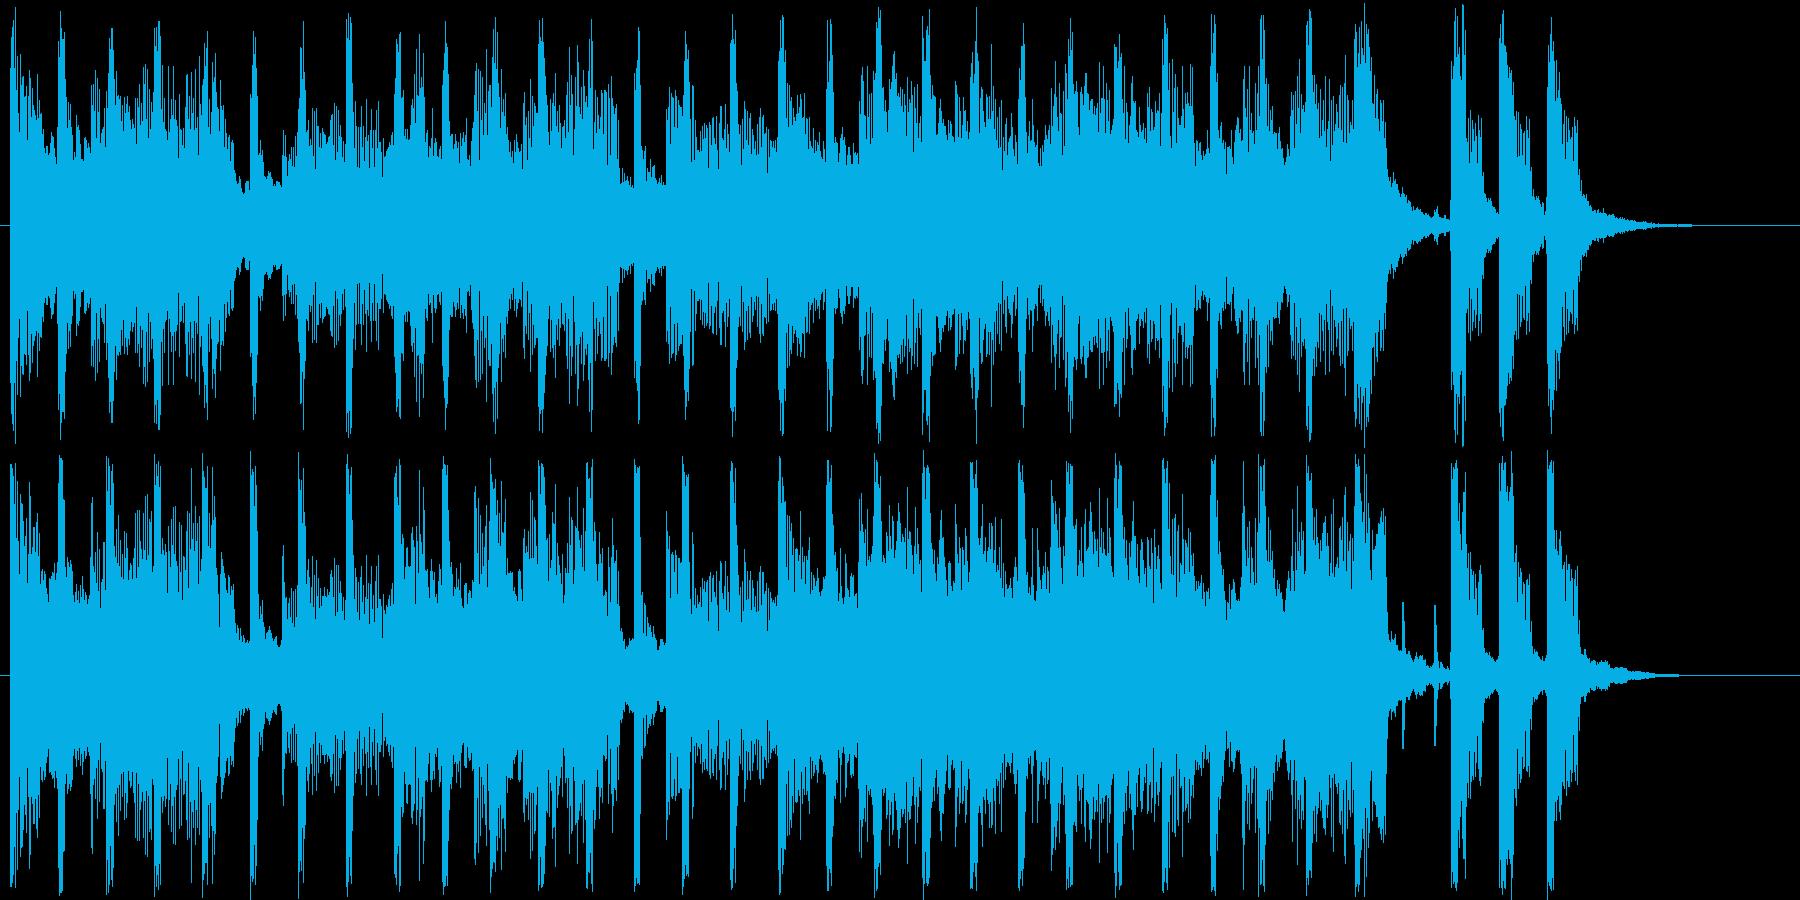 ほのぼのしたシンセサイザーなどのサウンドの再生済みの波形